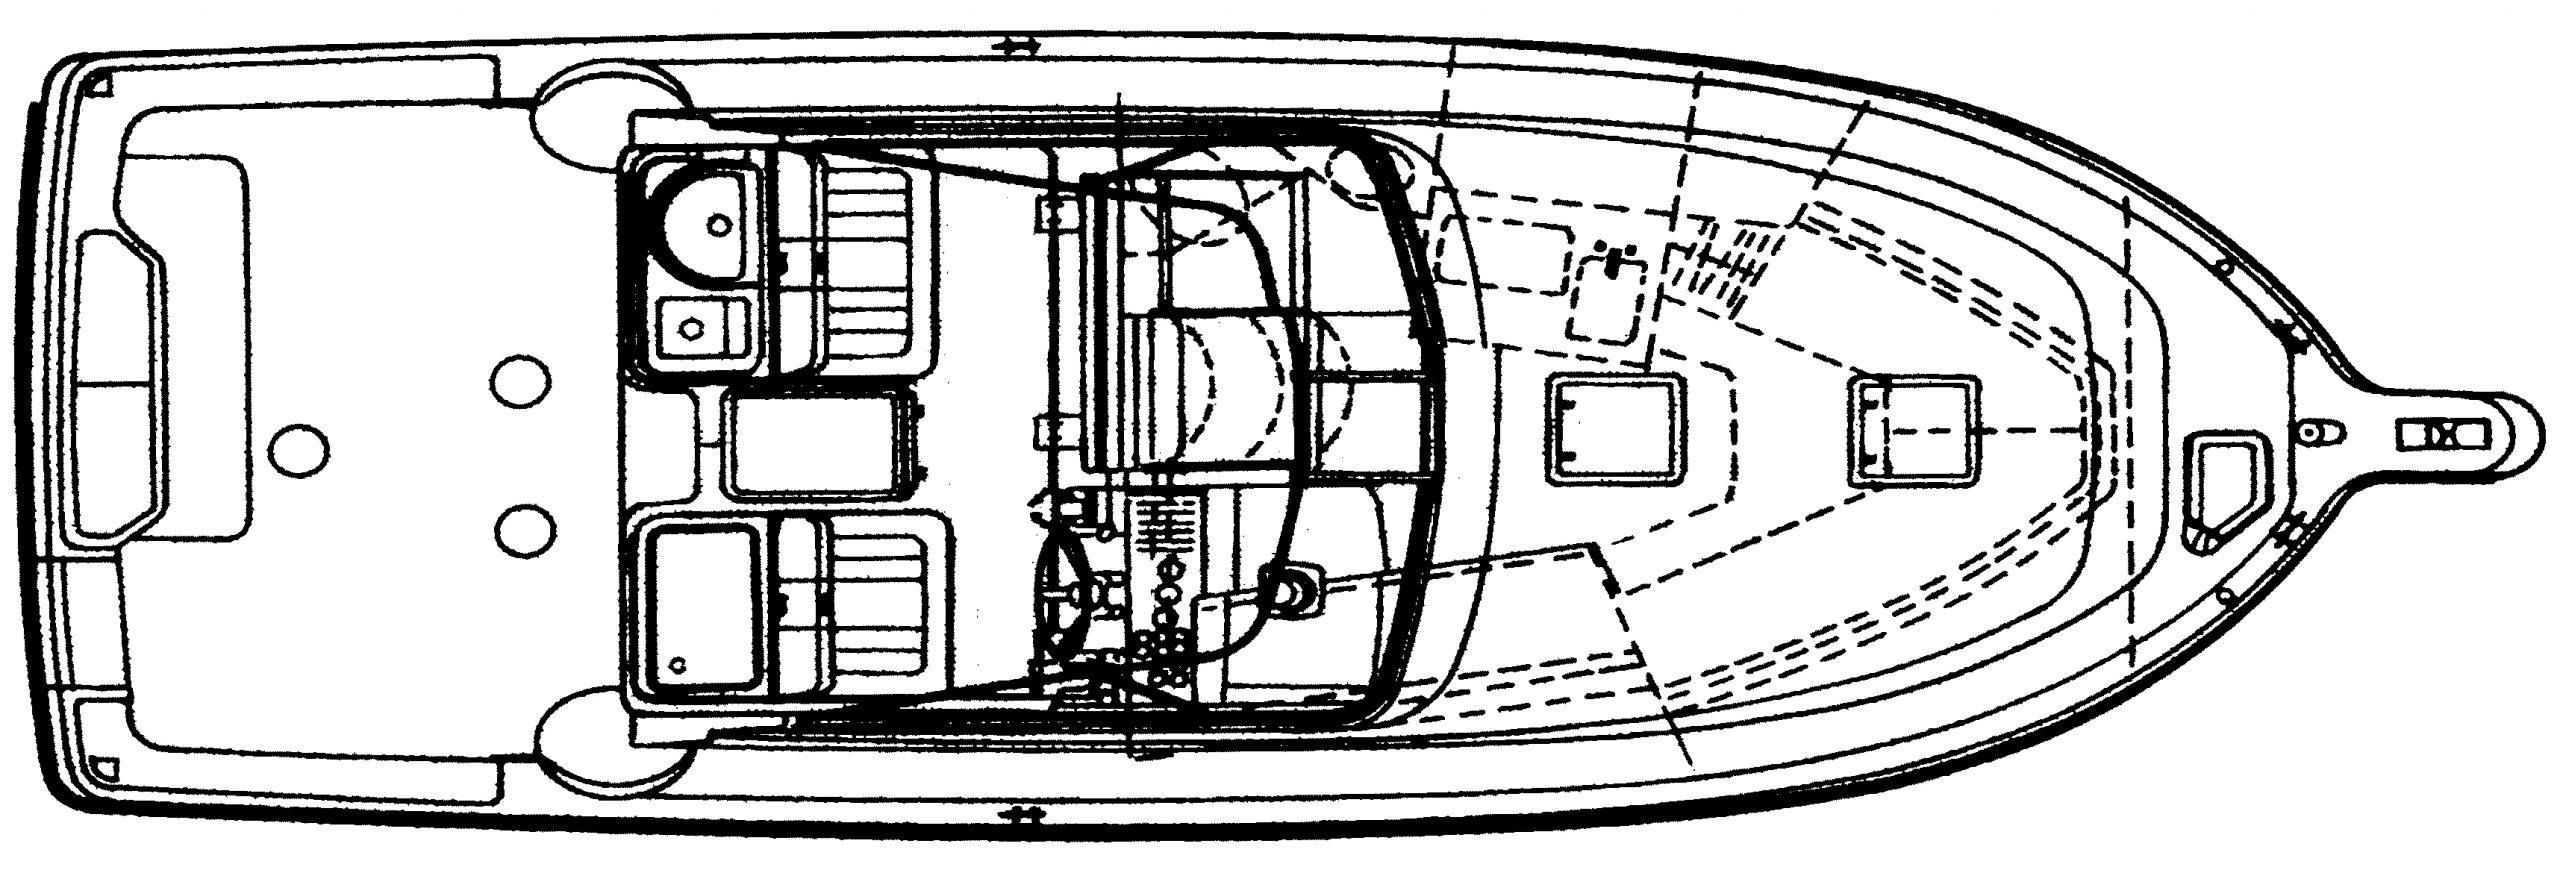 33 Express Floor Plan 1